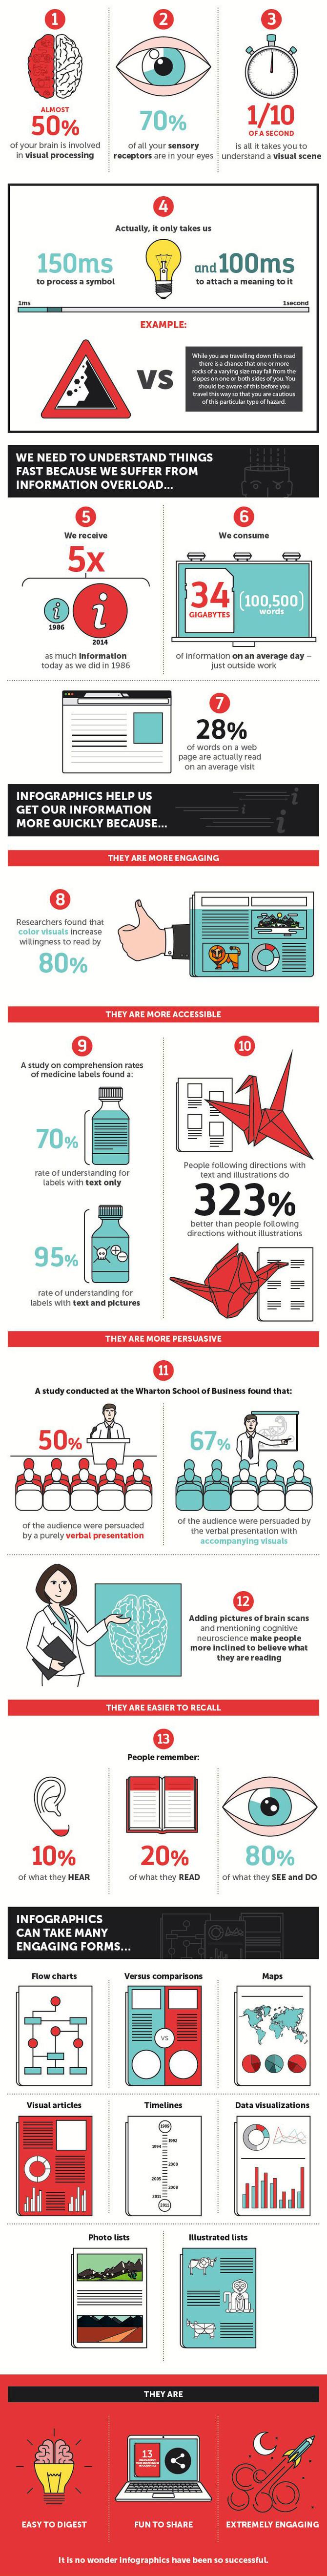 Weet u waarom infographics zo populair zijn? 13 redenen ...